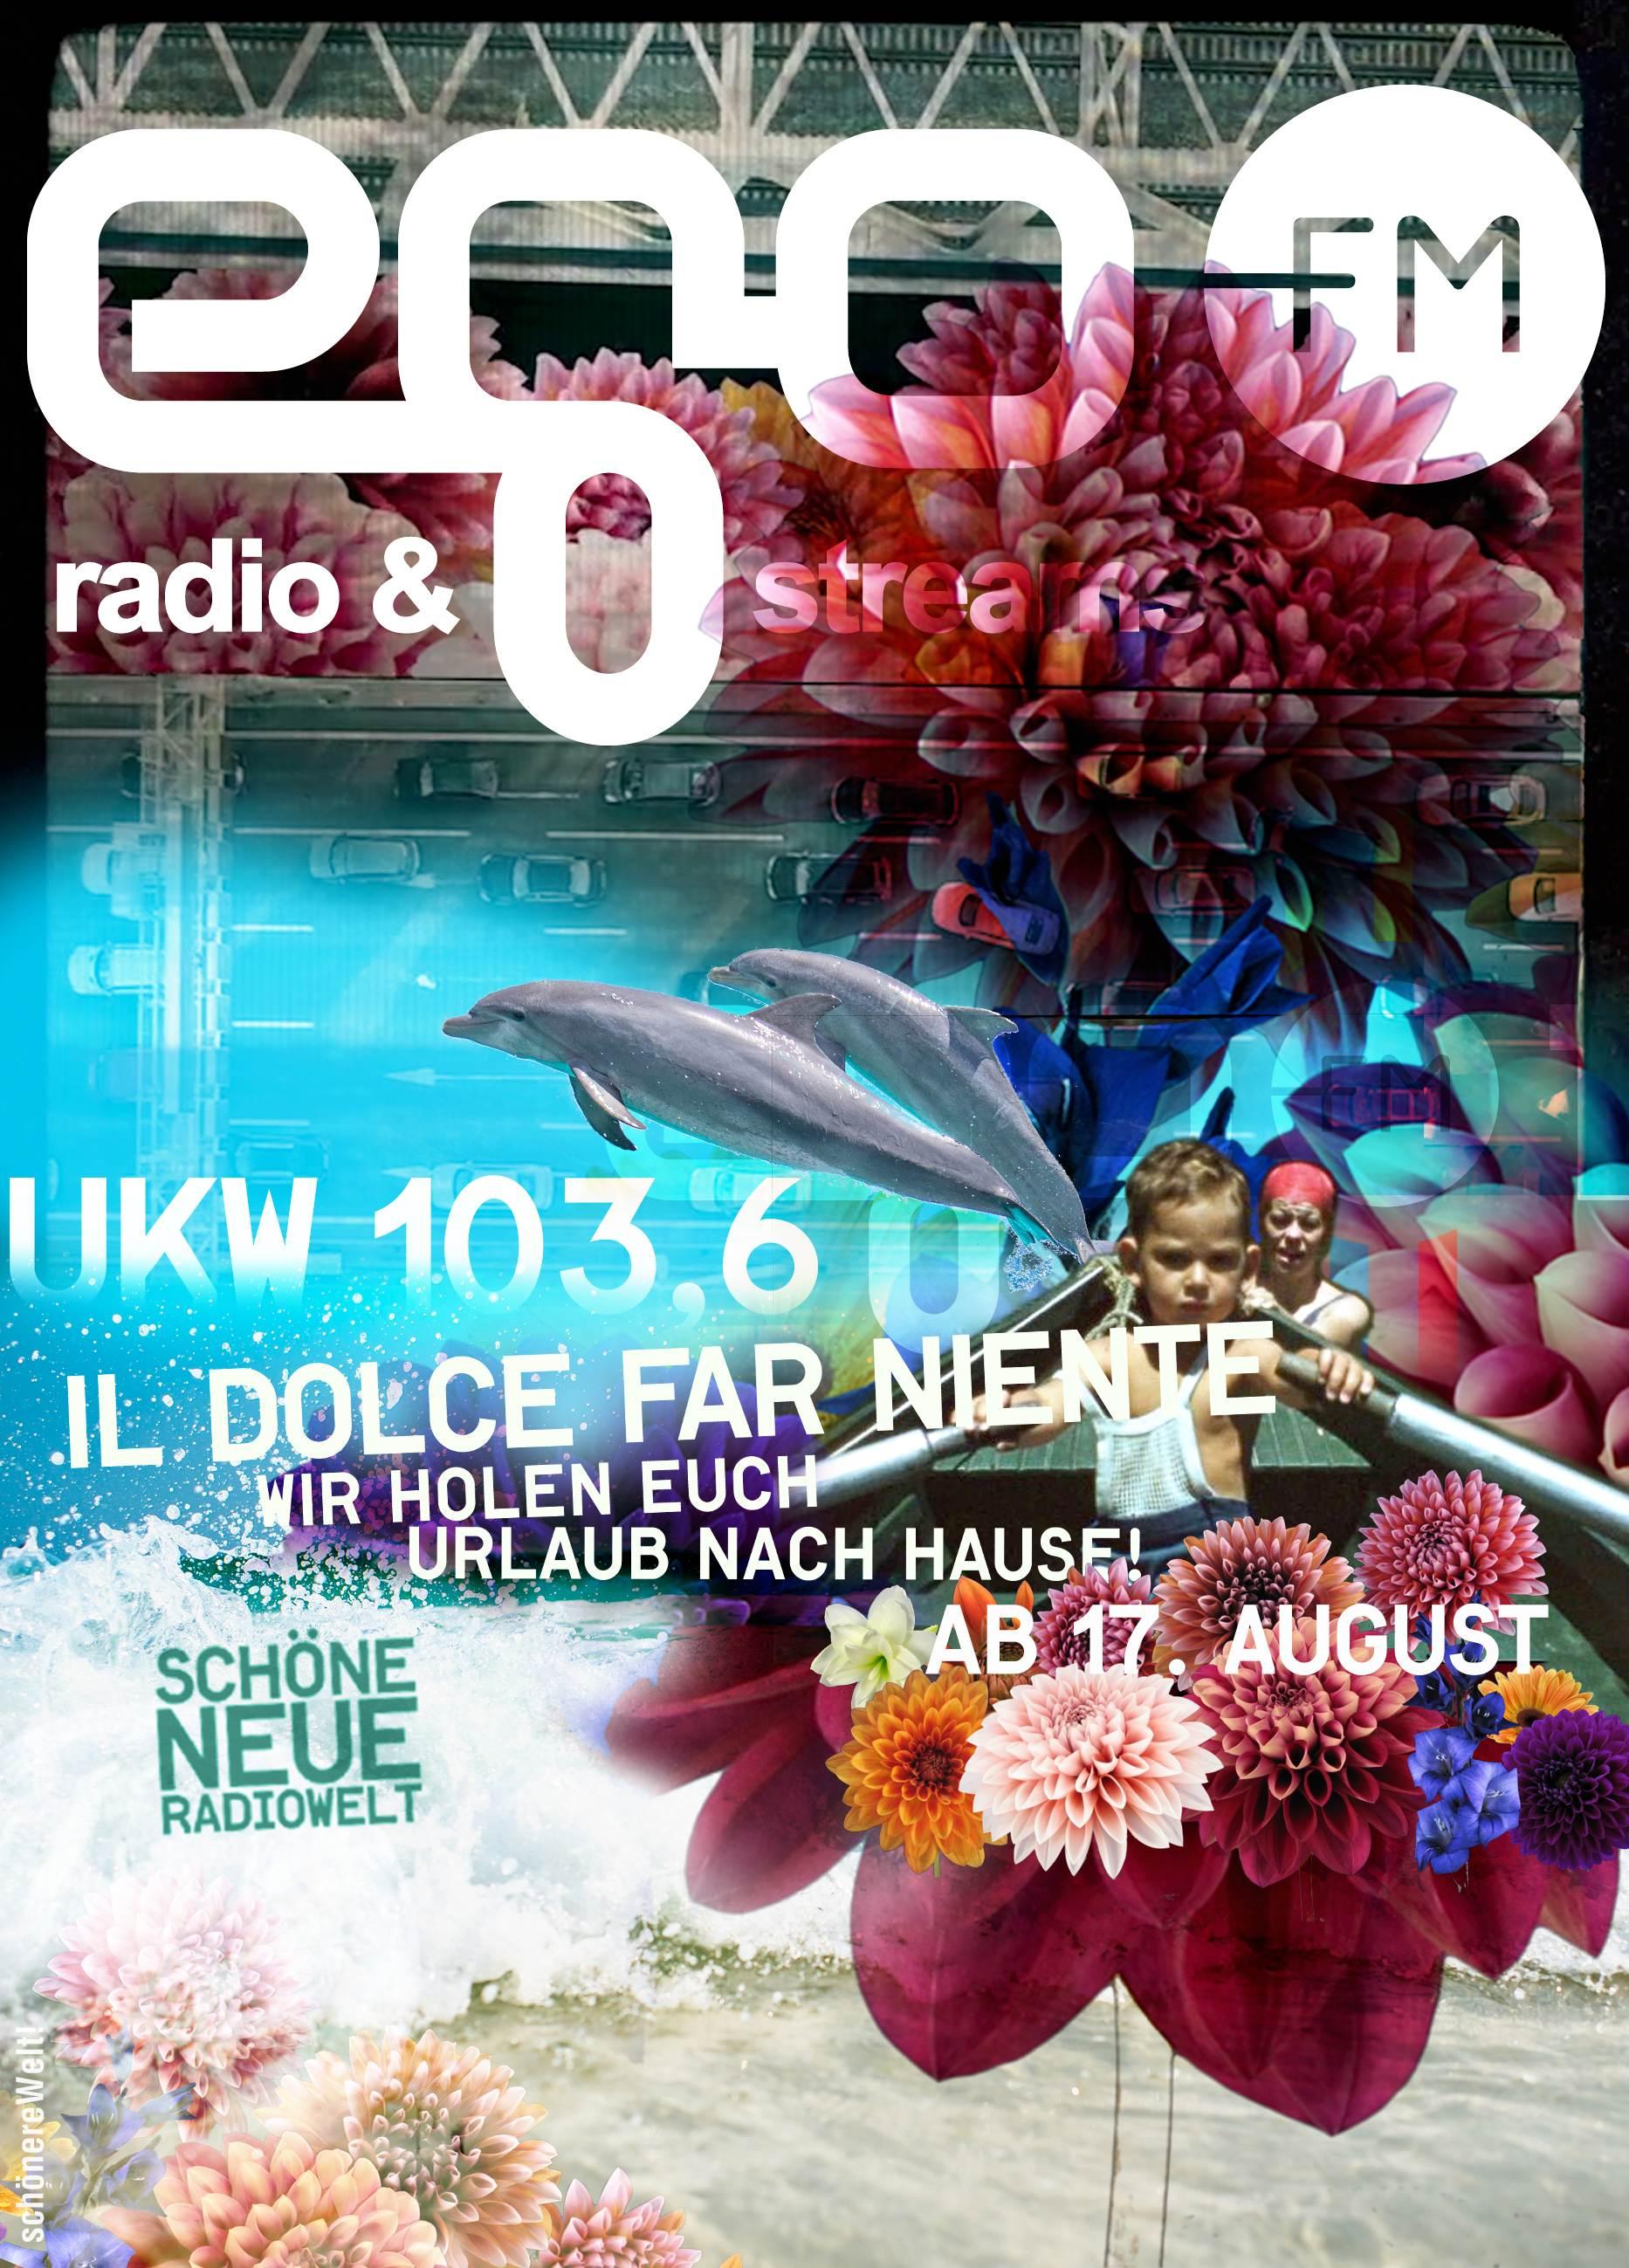 egoFM-2020-rcn-Sonderanzeige-il-dolce-far-niente (1)